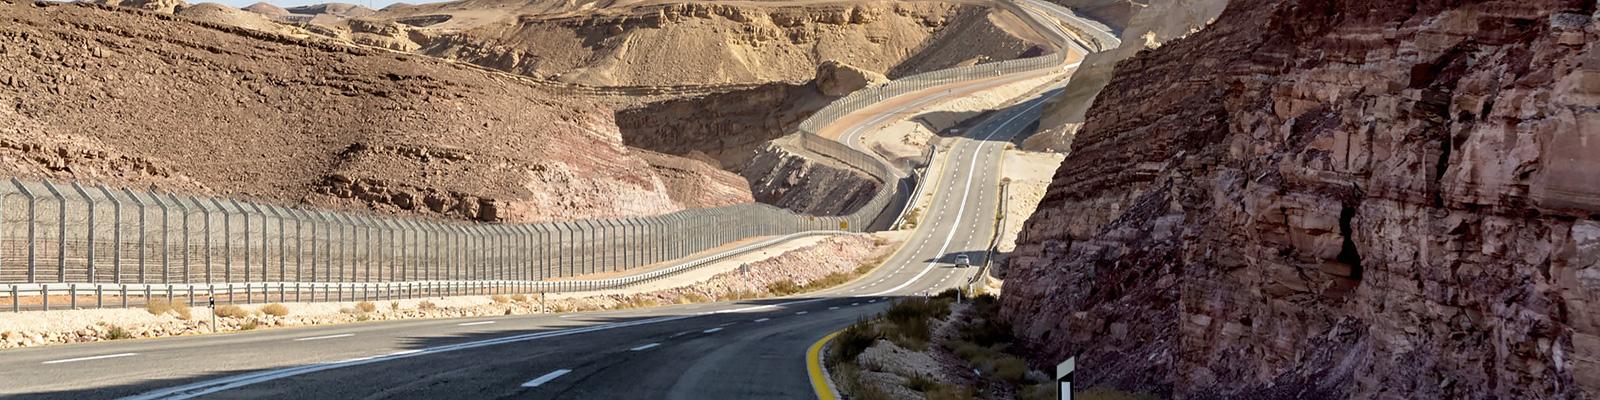 イスラエル 砂漠 高速道路 イメージ